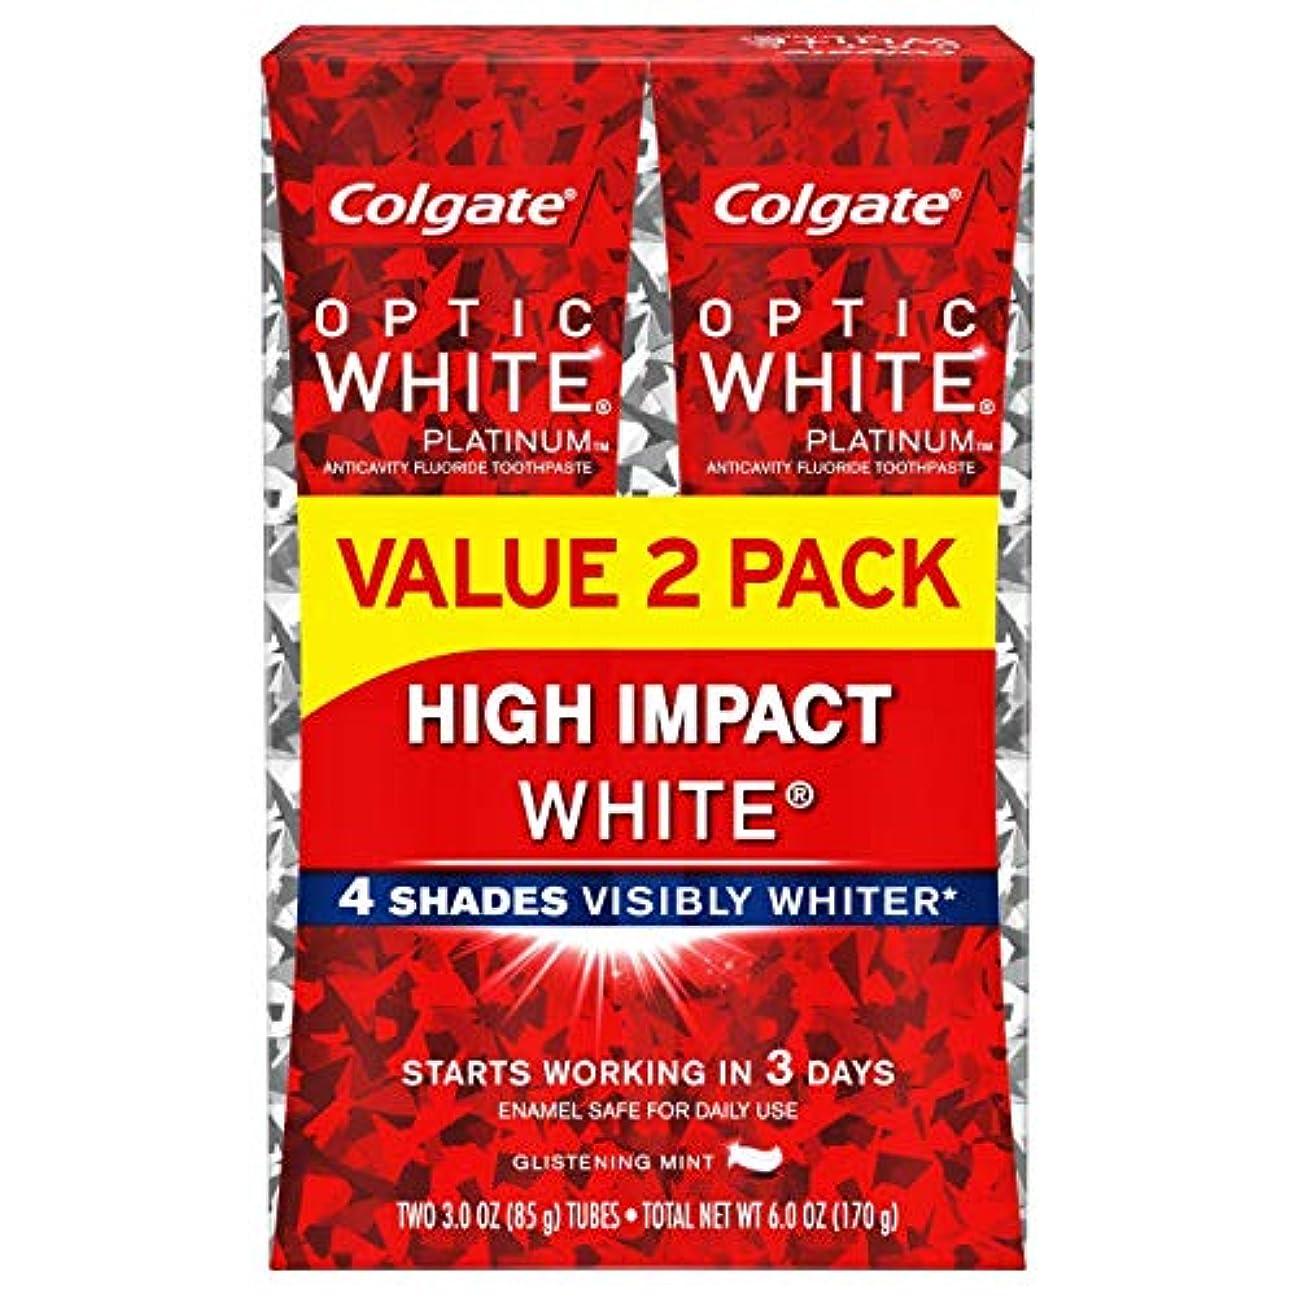 同級生中世の住居Colgate Optic White High Impact White 練り歯磨き [並行輸入品] (2個セット)